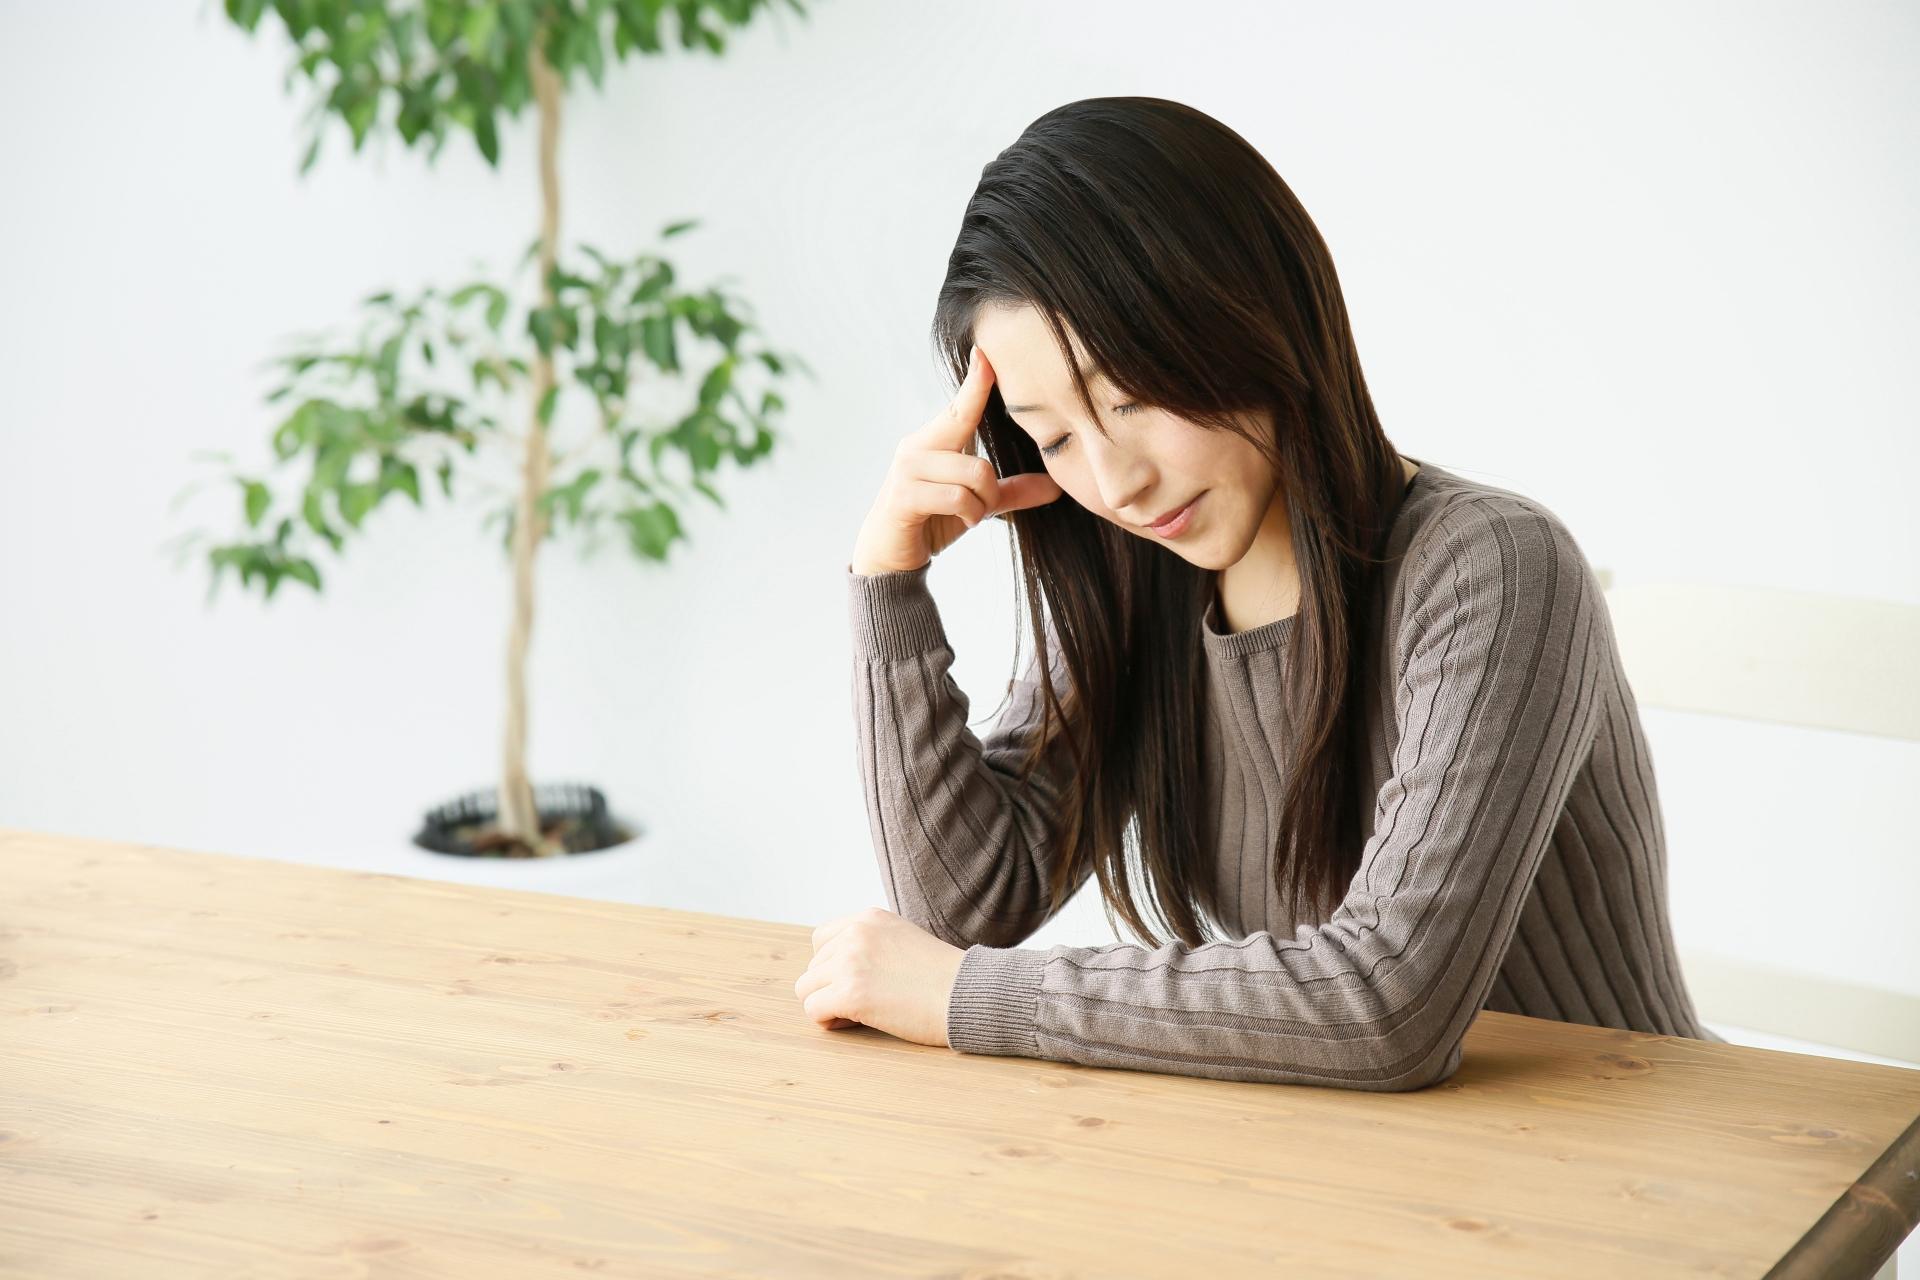 育児と仕事の両立が辛いです。専業主婦になって後悔したことは?